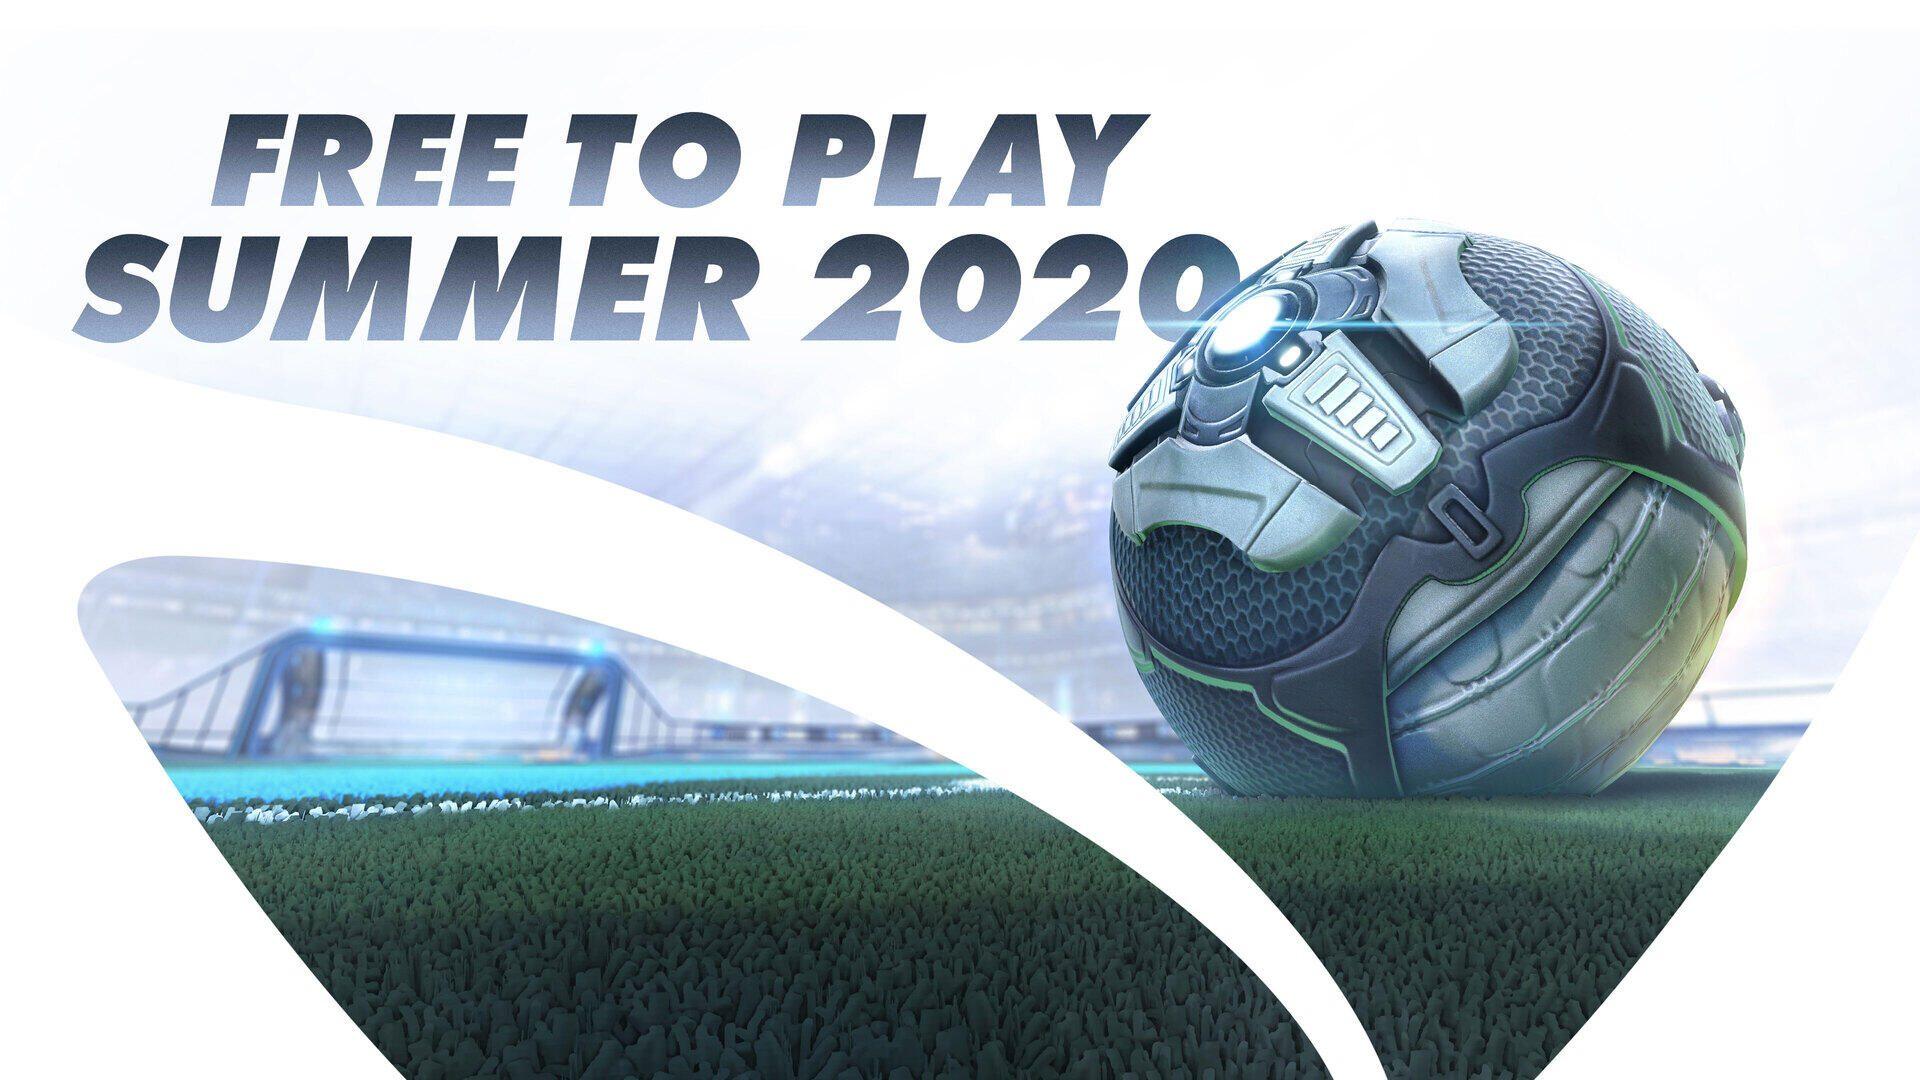 Free to Play en Rocket League verano 2020